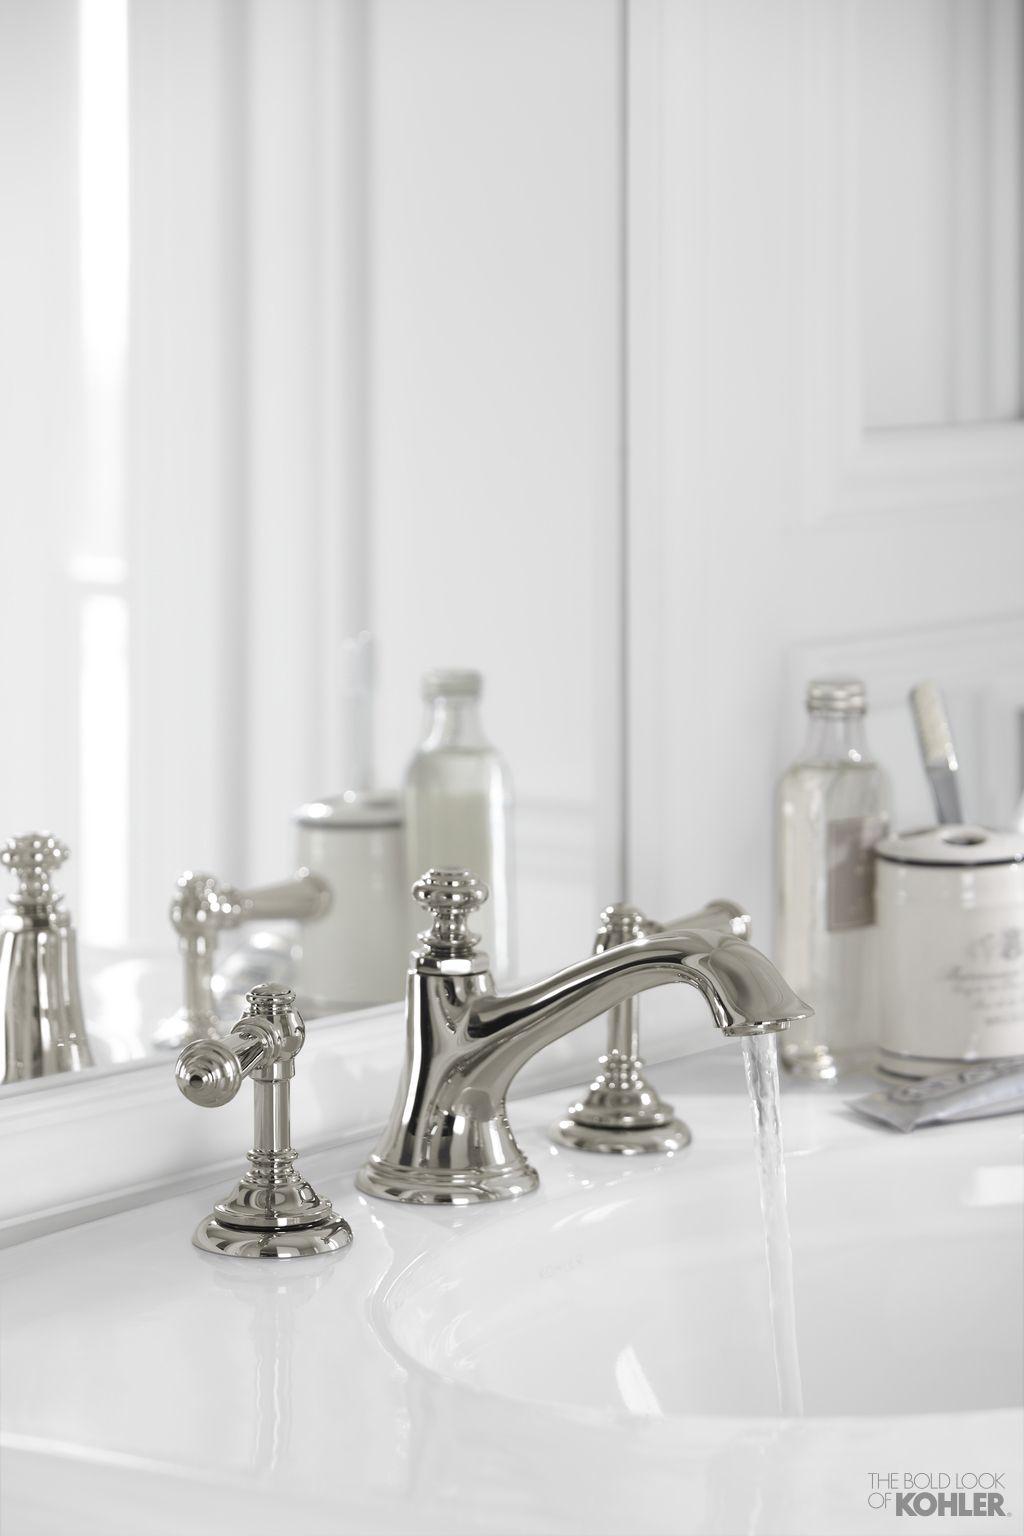 home kohler bathroom faucet sink